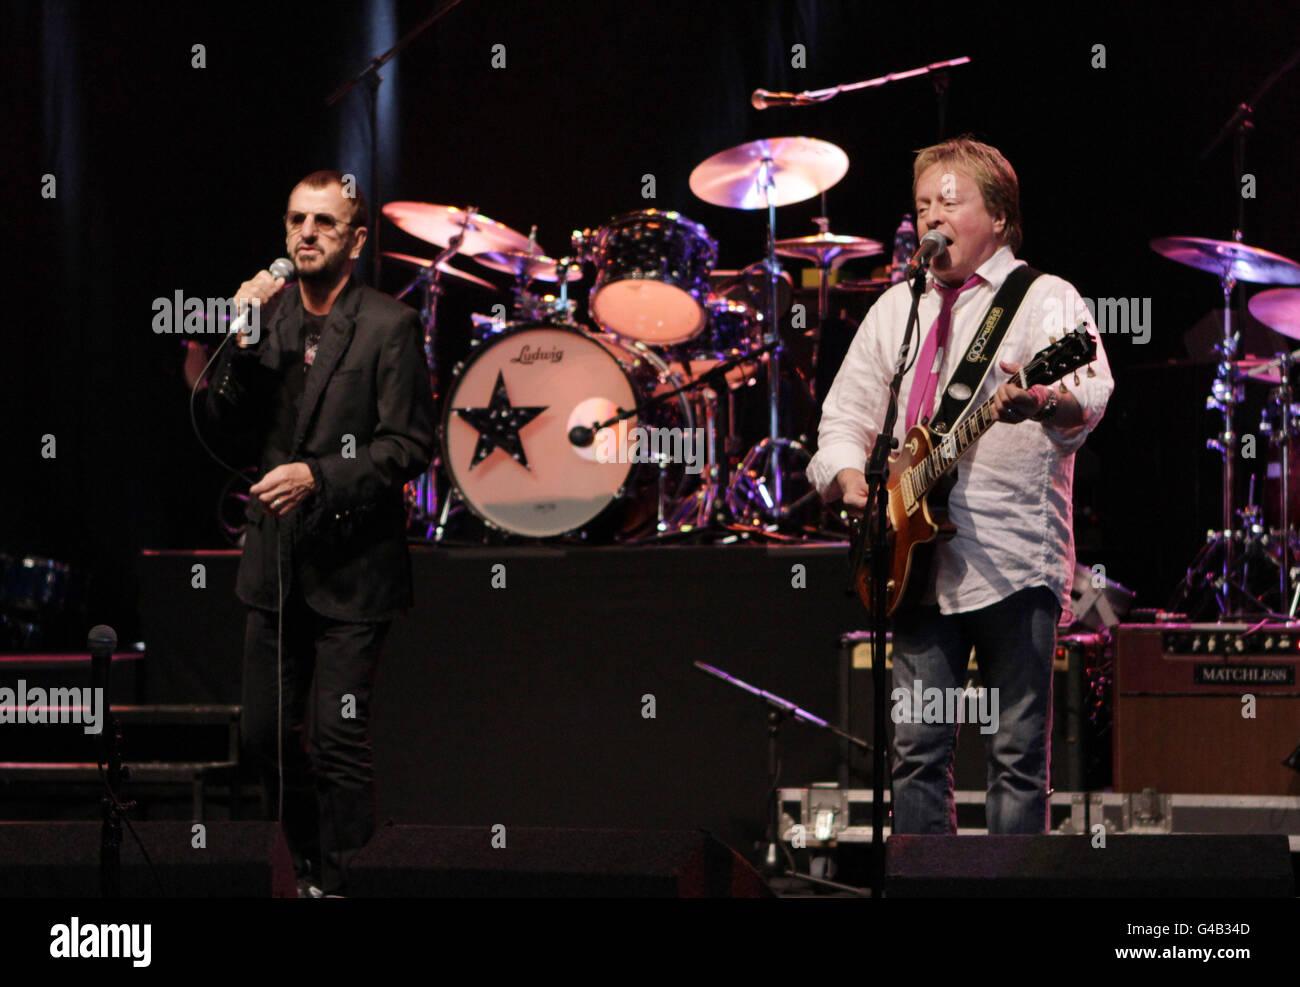 Ringo Starr gig - Surrey - Stock Image